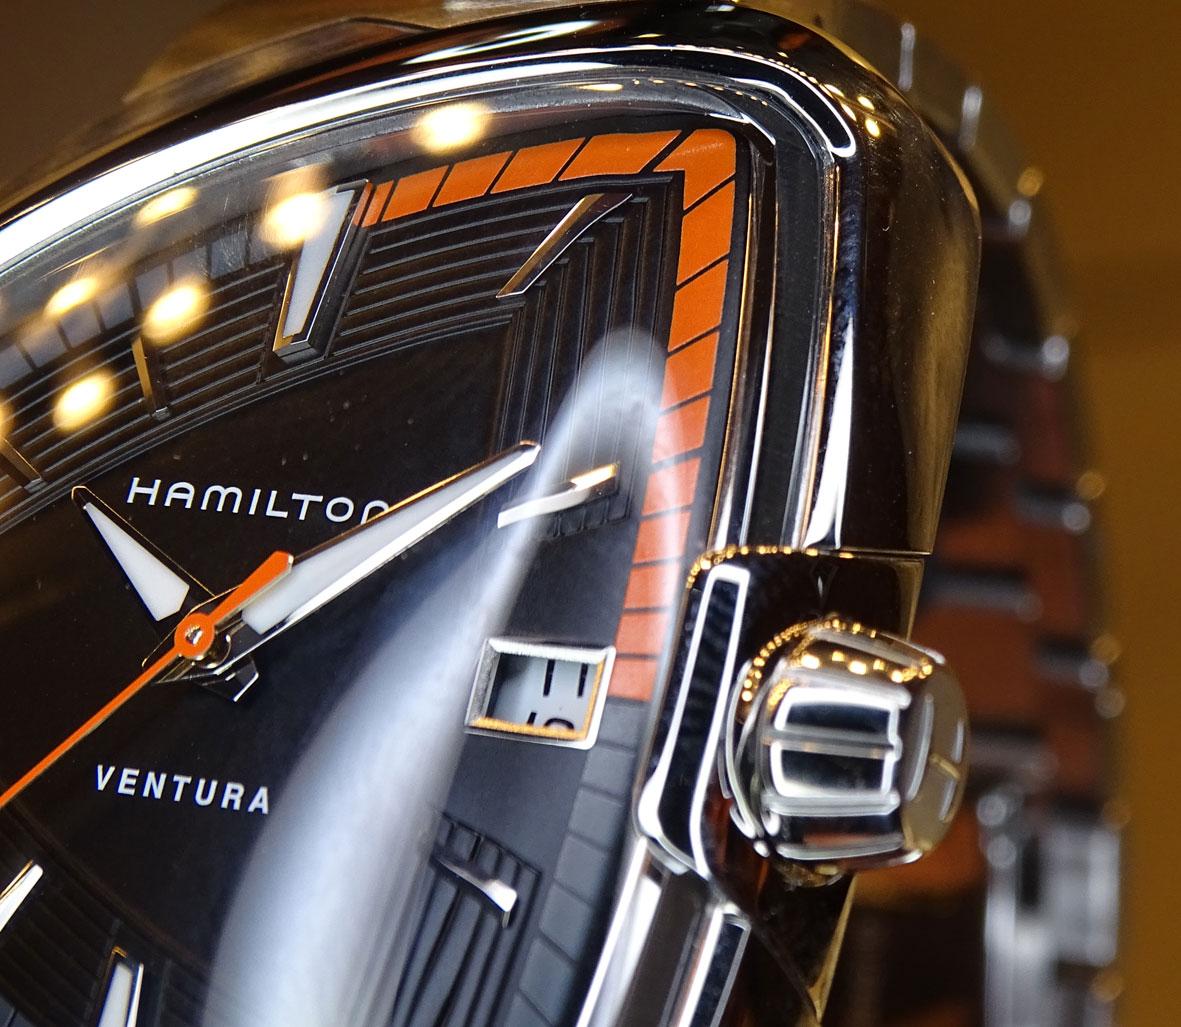 Hamilton Ventura Elvis 80 - detalle del minutero de la versión automática